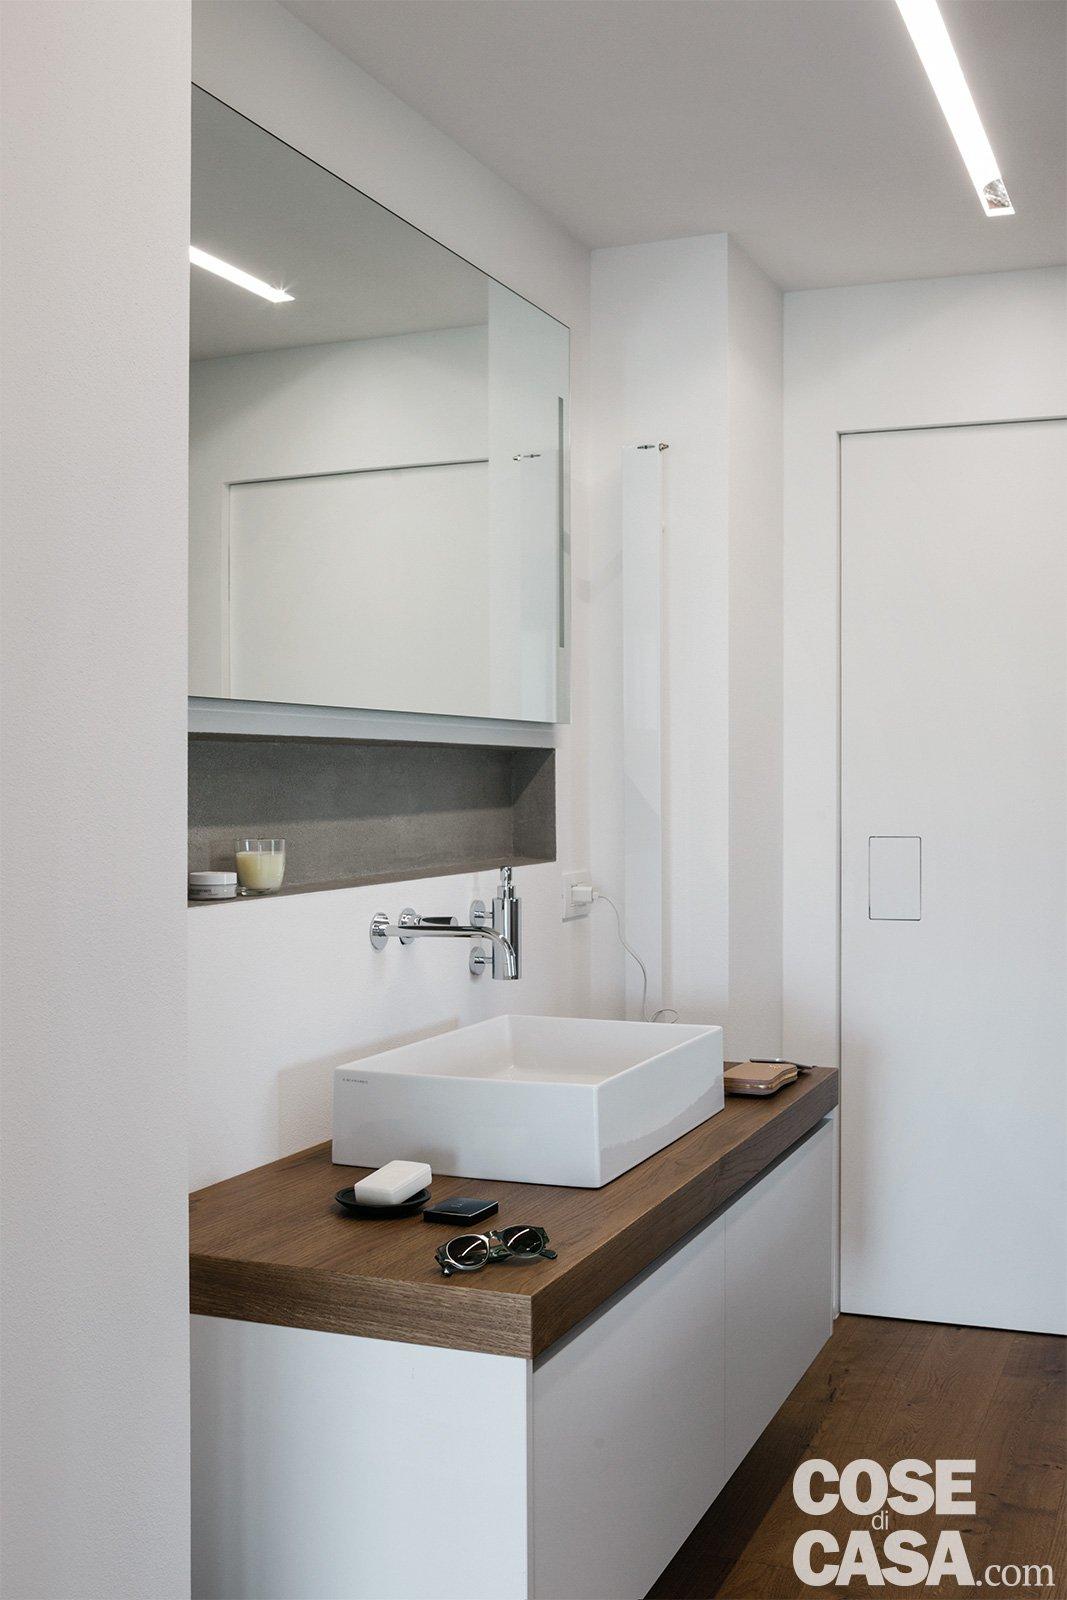 98 mq spazio moltiplicato dalla luce nel sottotetto della ex cascina cose di casa - Bagno sottotetto ...